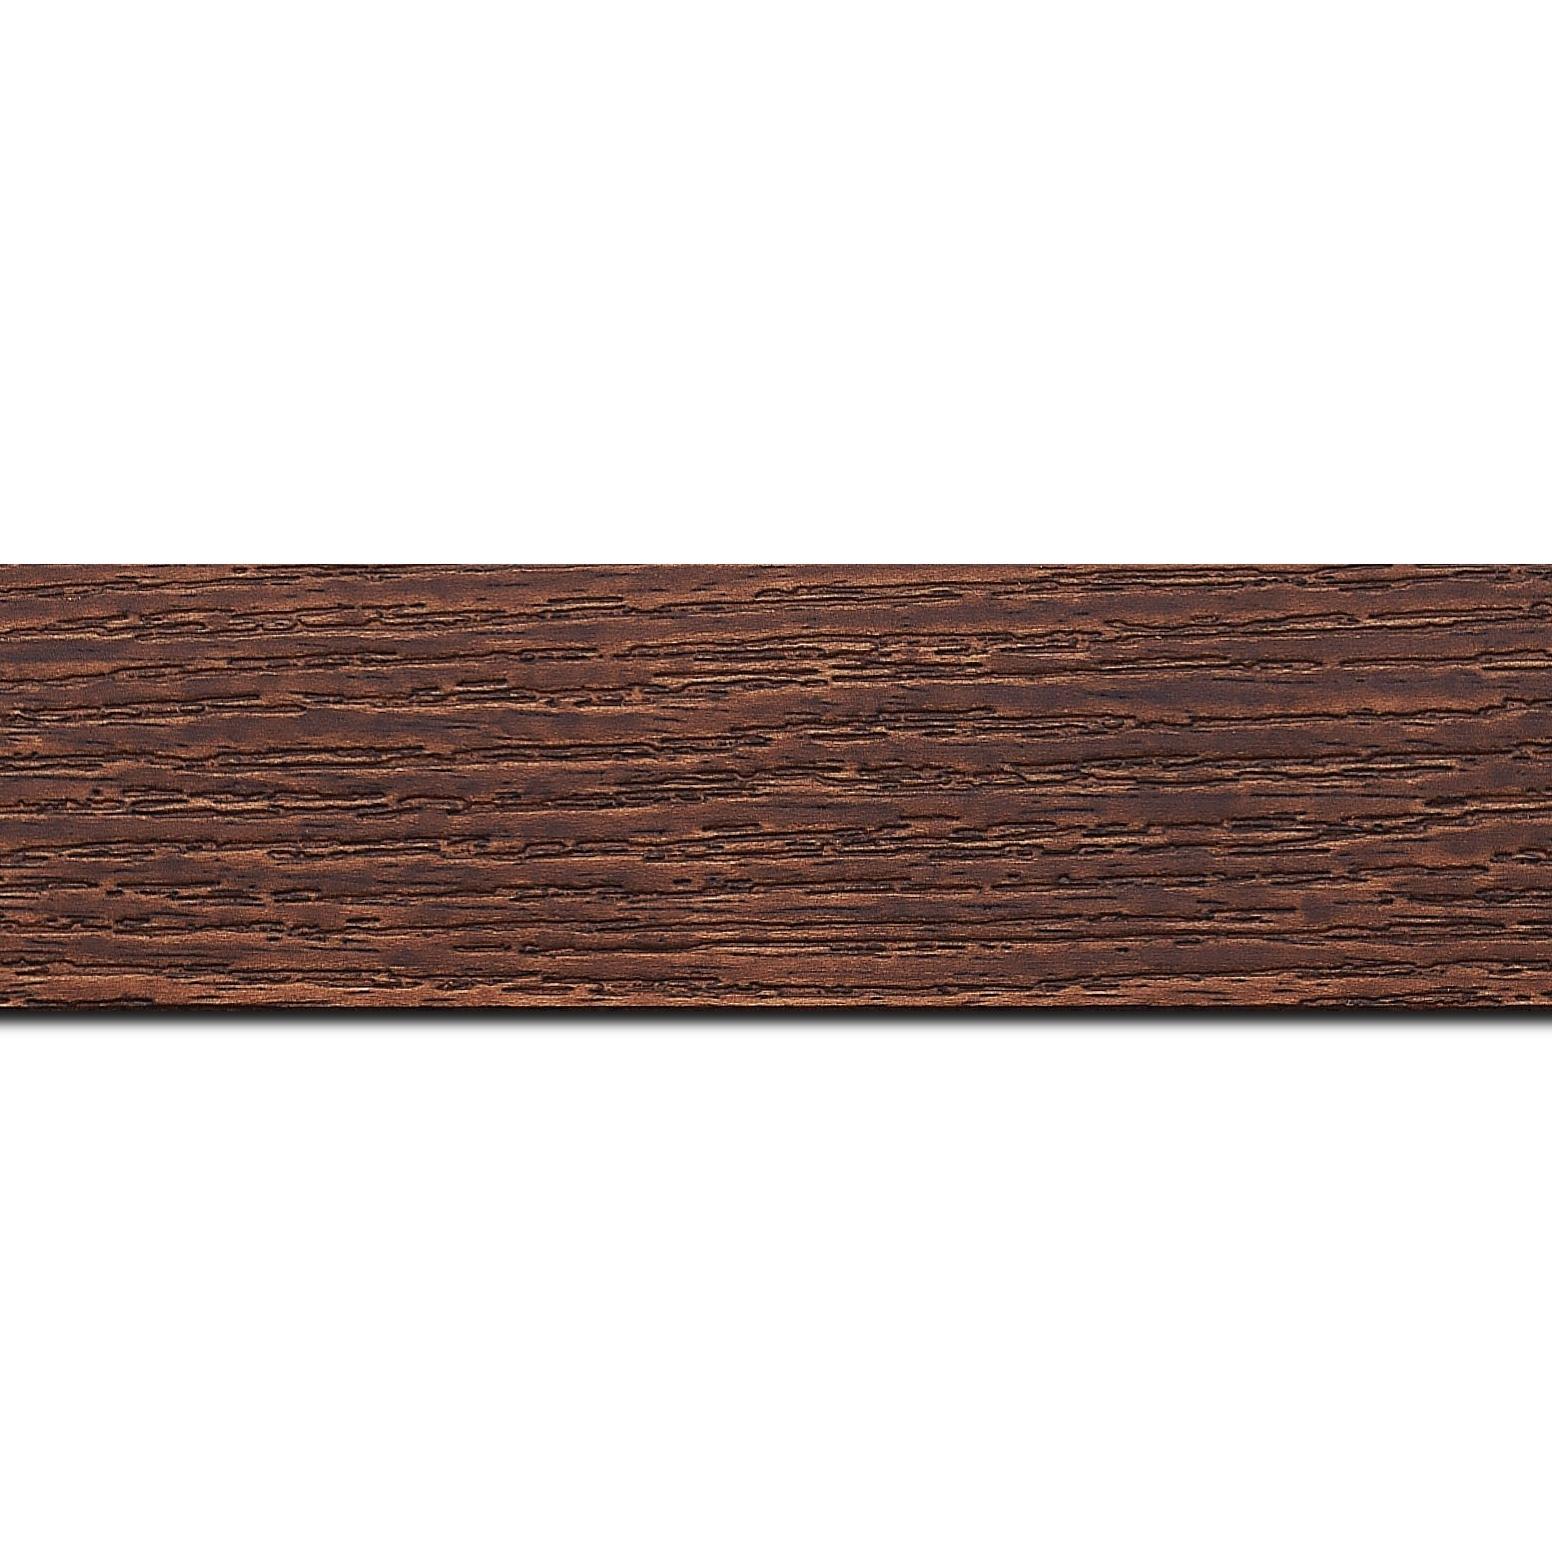 Baguette longueur 1.40m bois profil plat largeur 4.4cm couleur merisier finition veiné